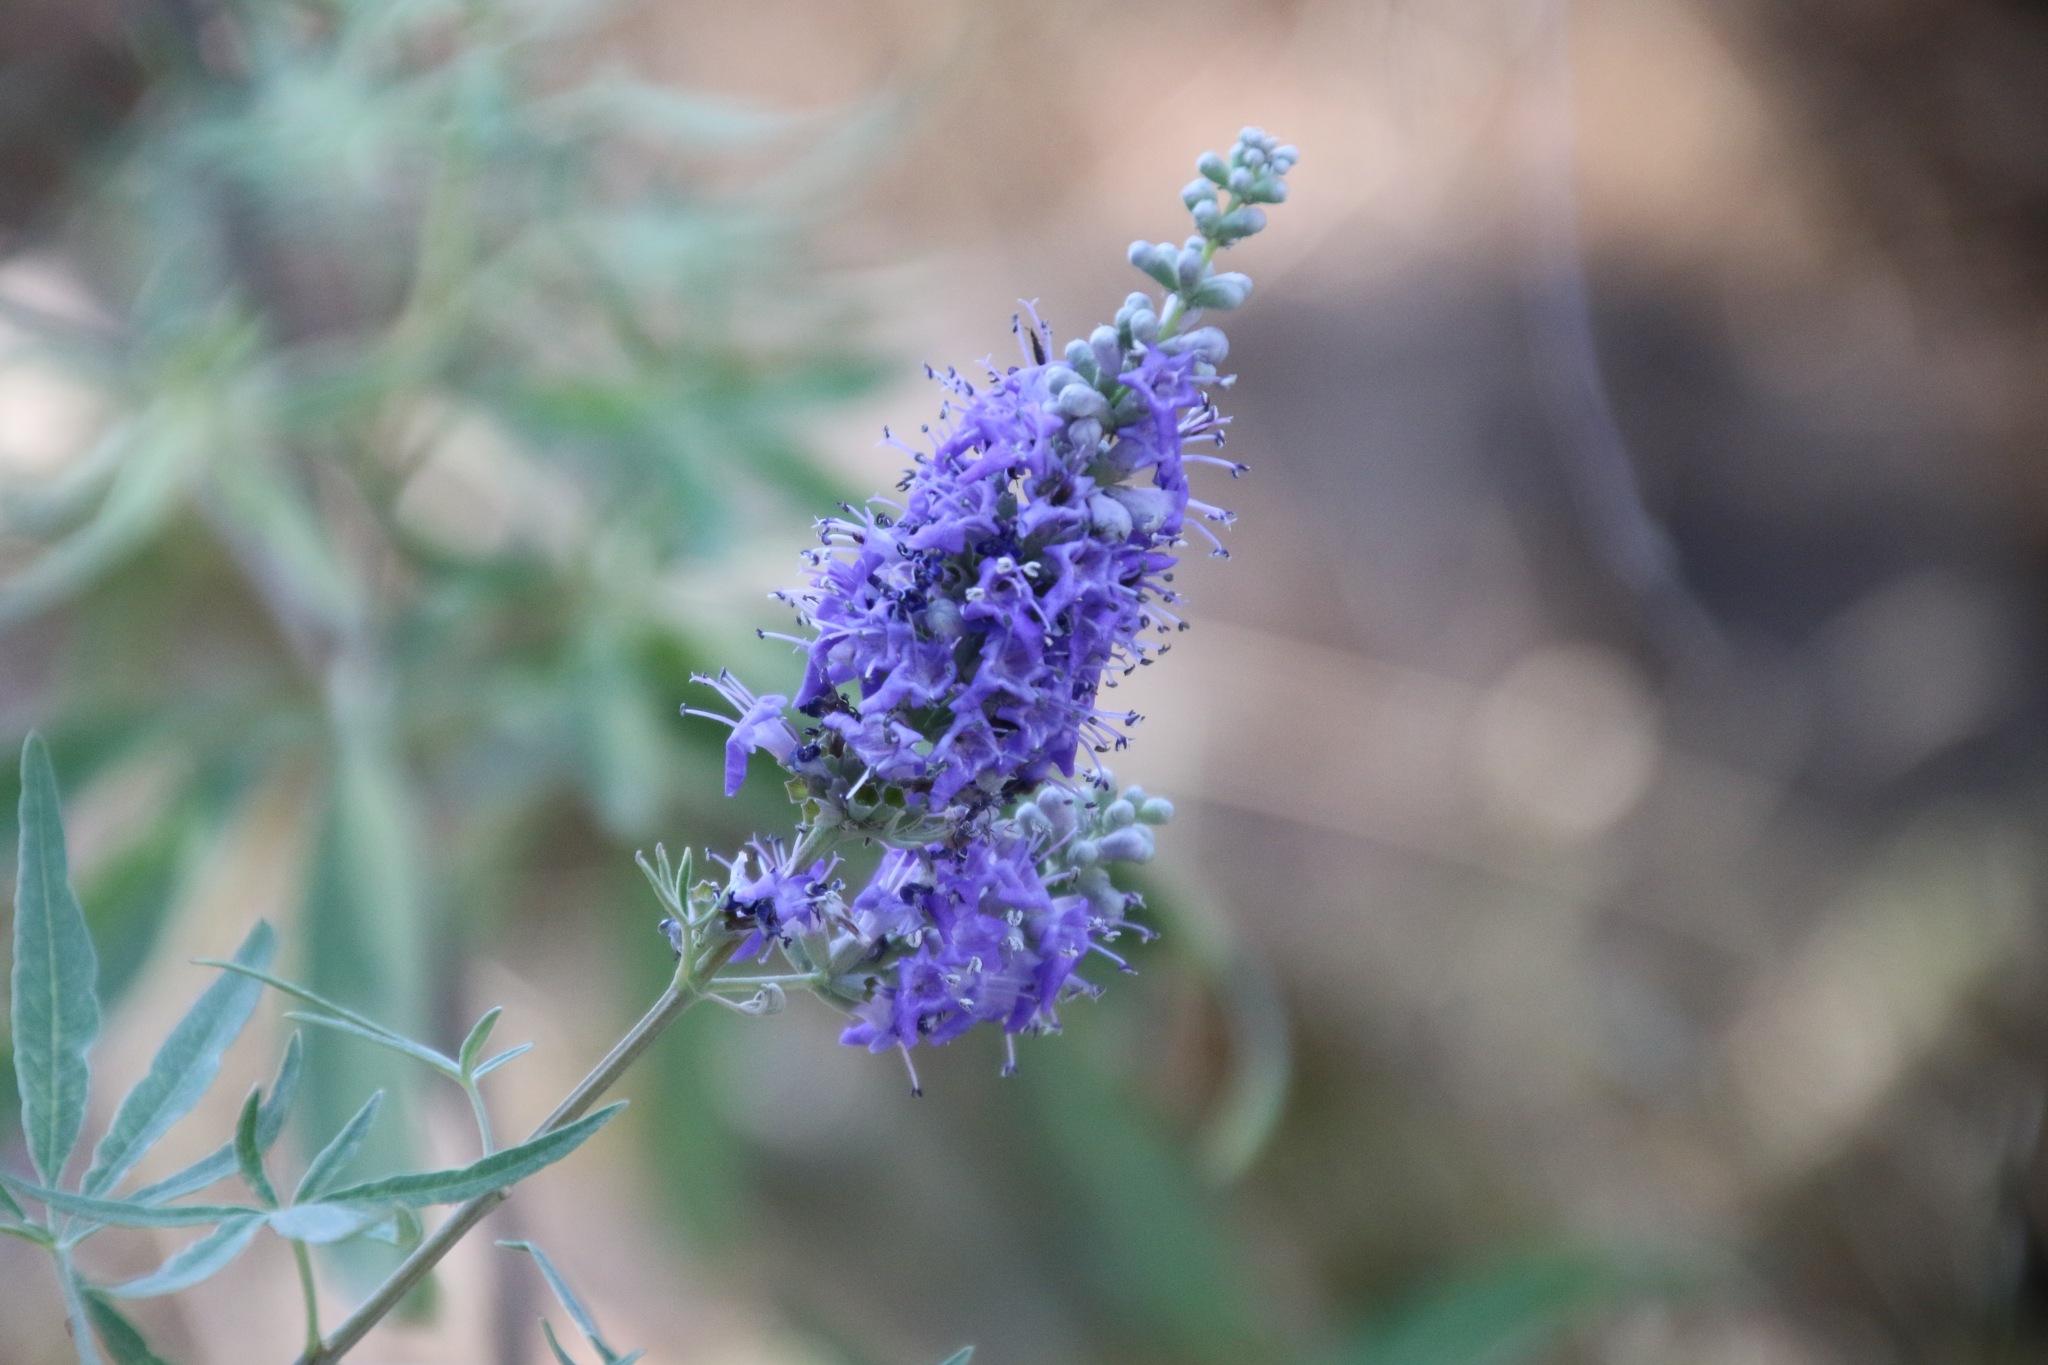 Flower for summertime by Atilla Gunhan Photograpy